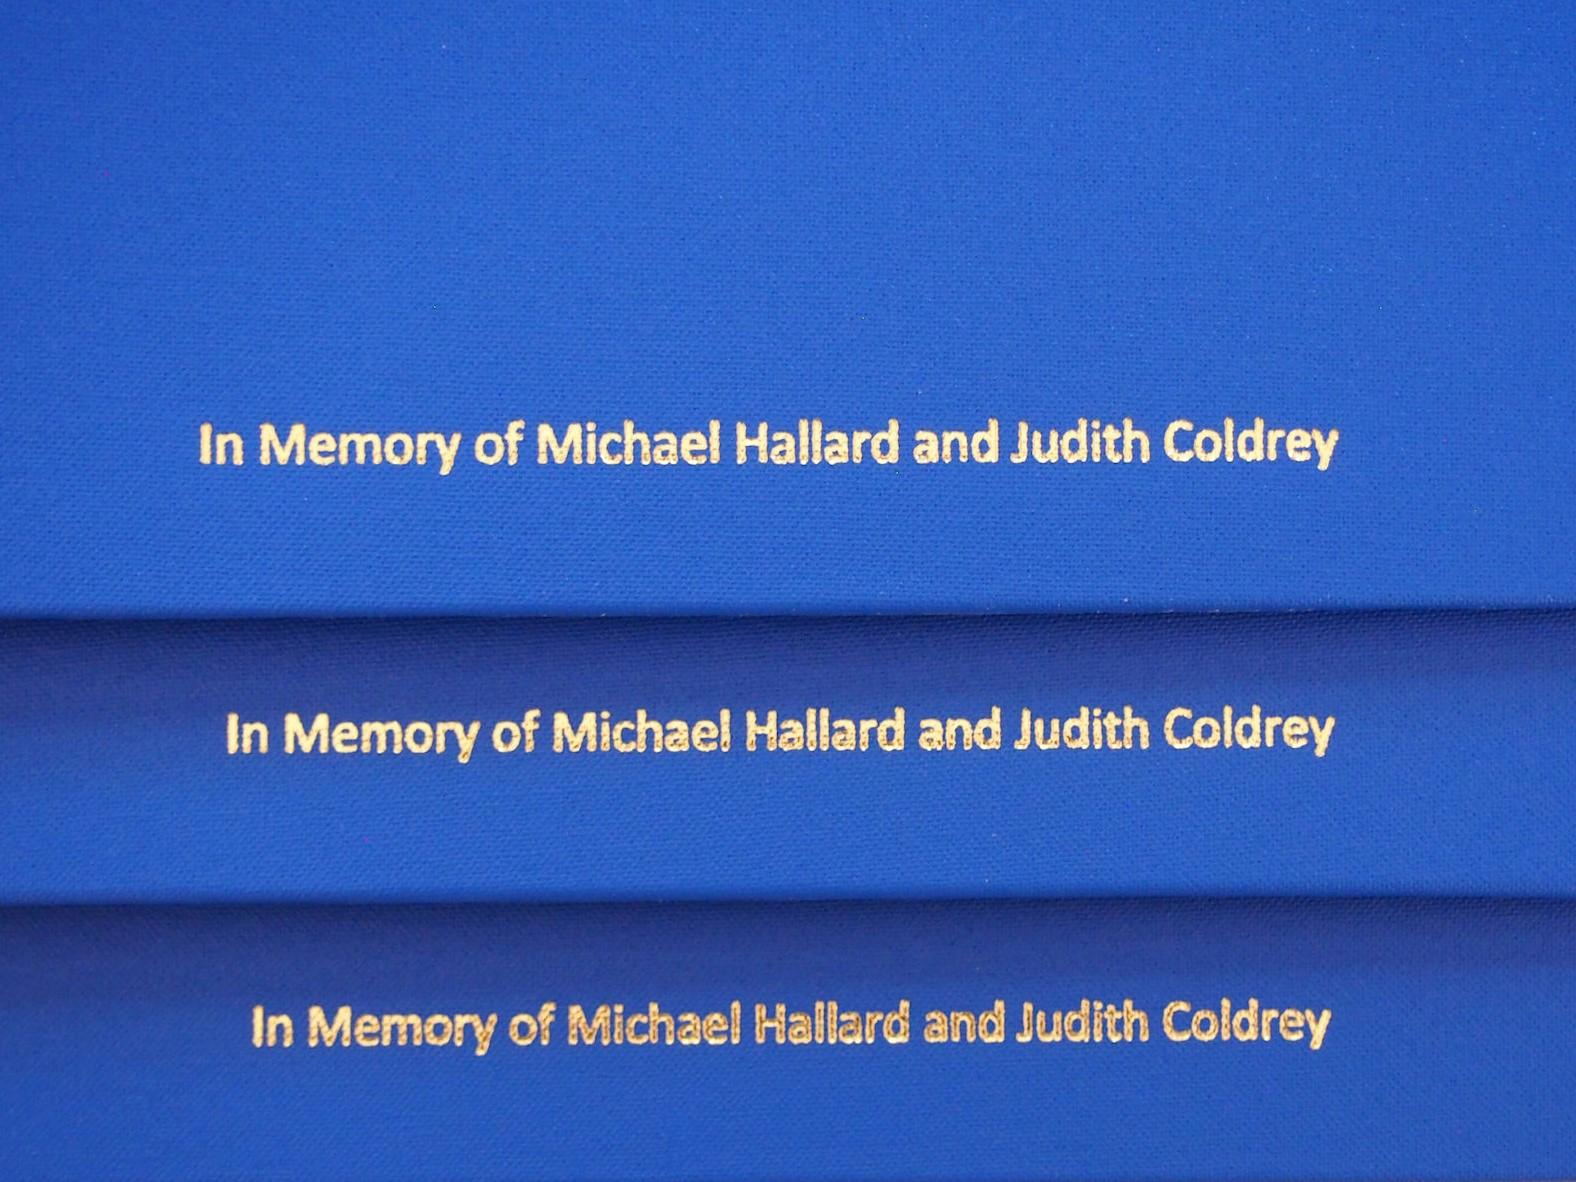 Memorial Dedication on Choir folders